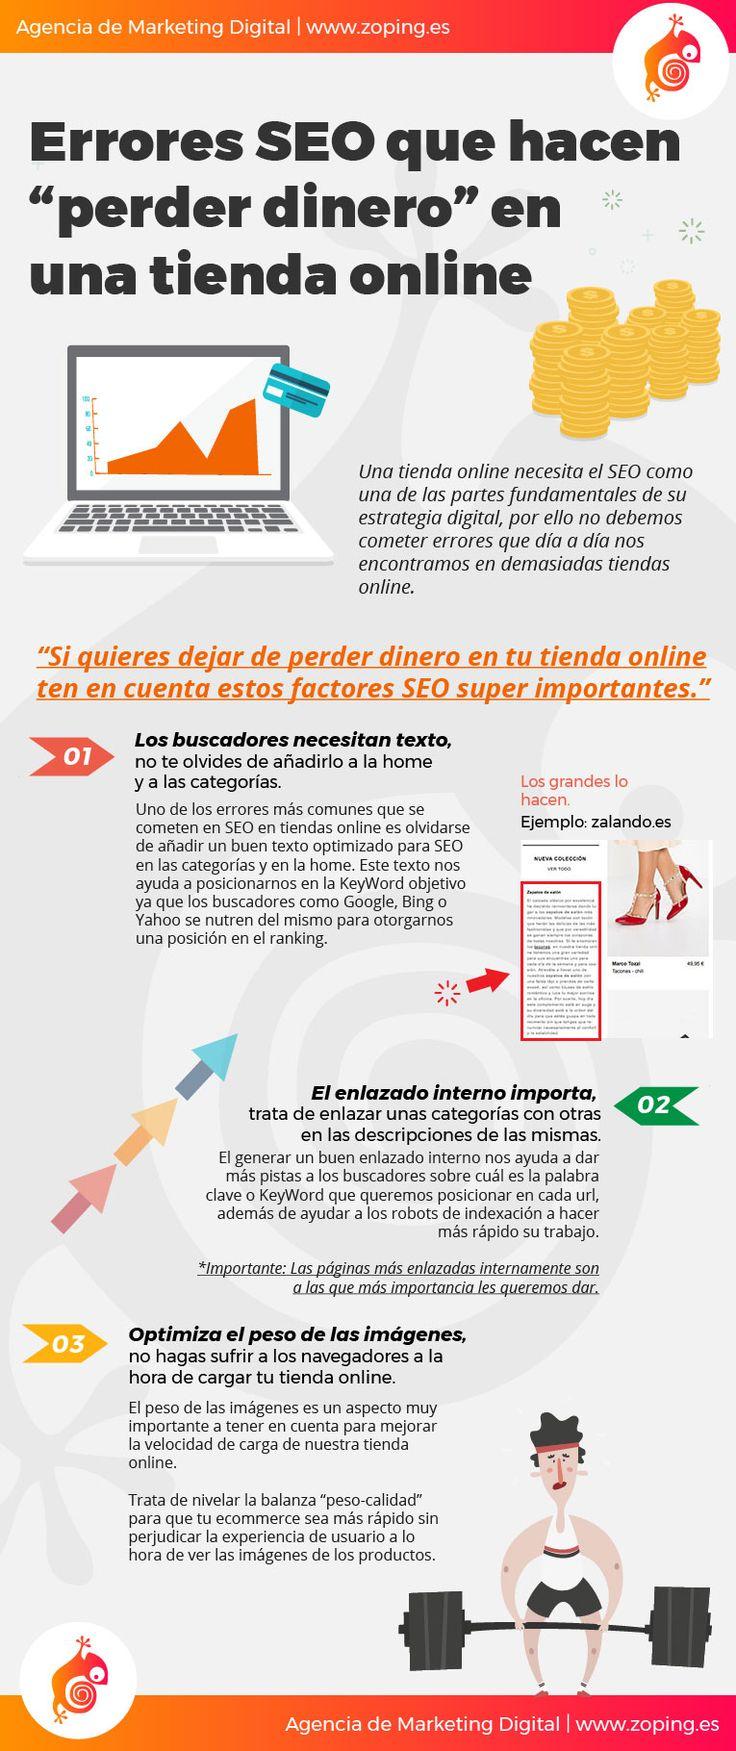 Errores SEO en una Tienda Online #SocialMedia #SEO